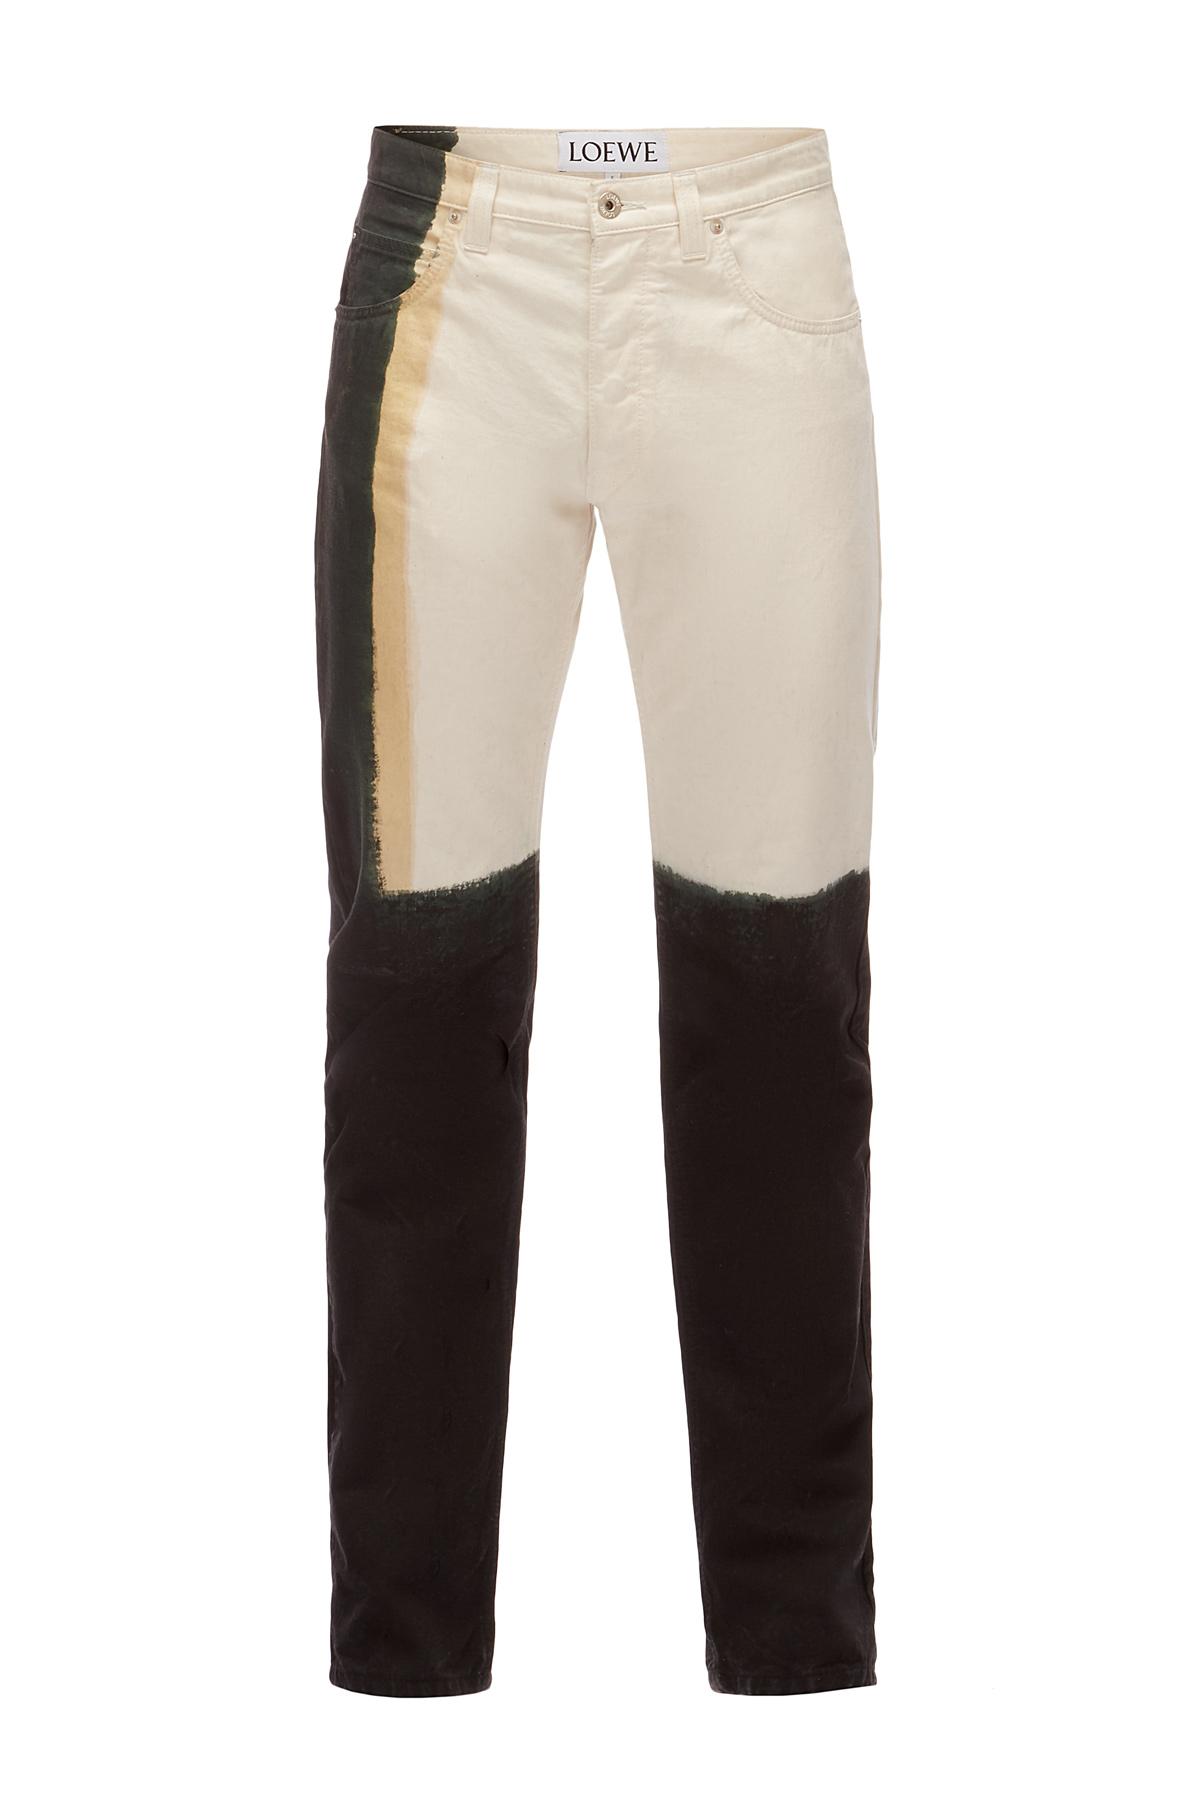 LOEWE 5 Pocket Jeans Tie Dye ホワイト front